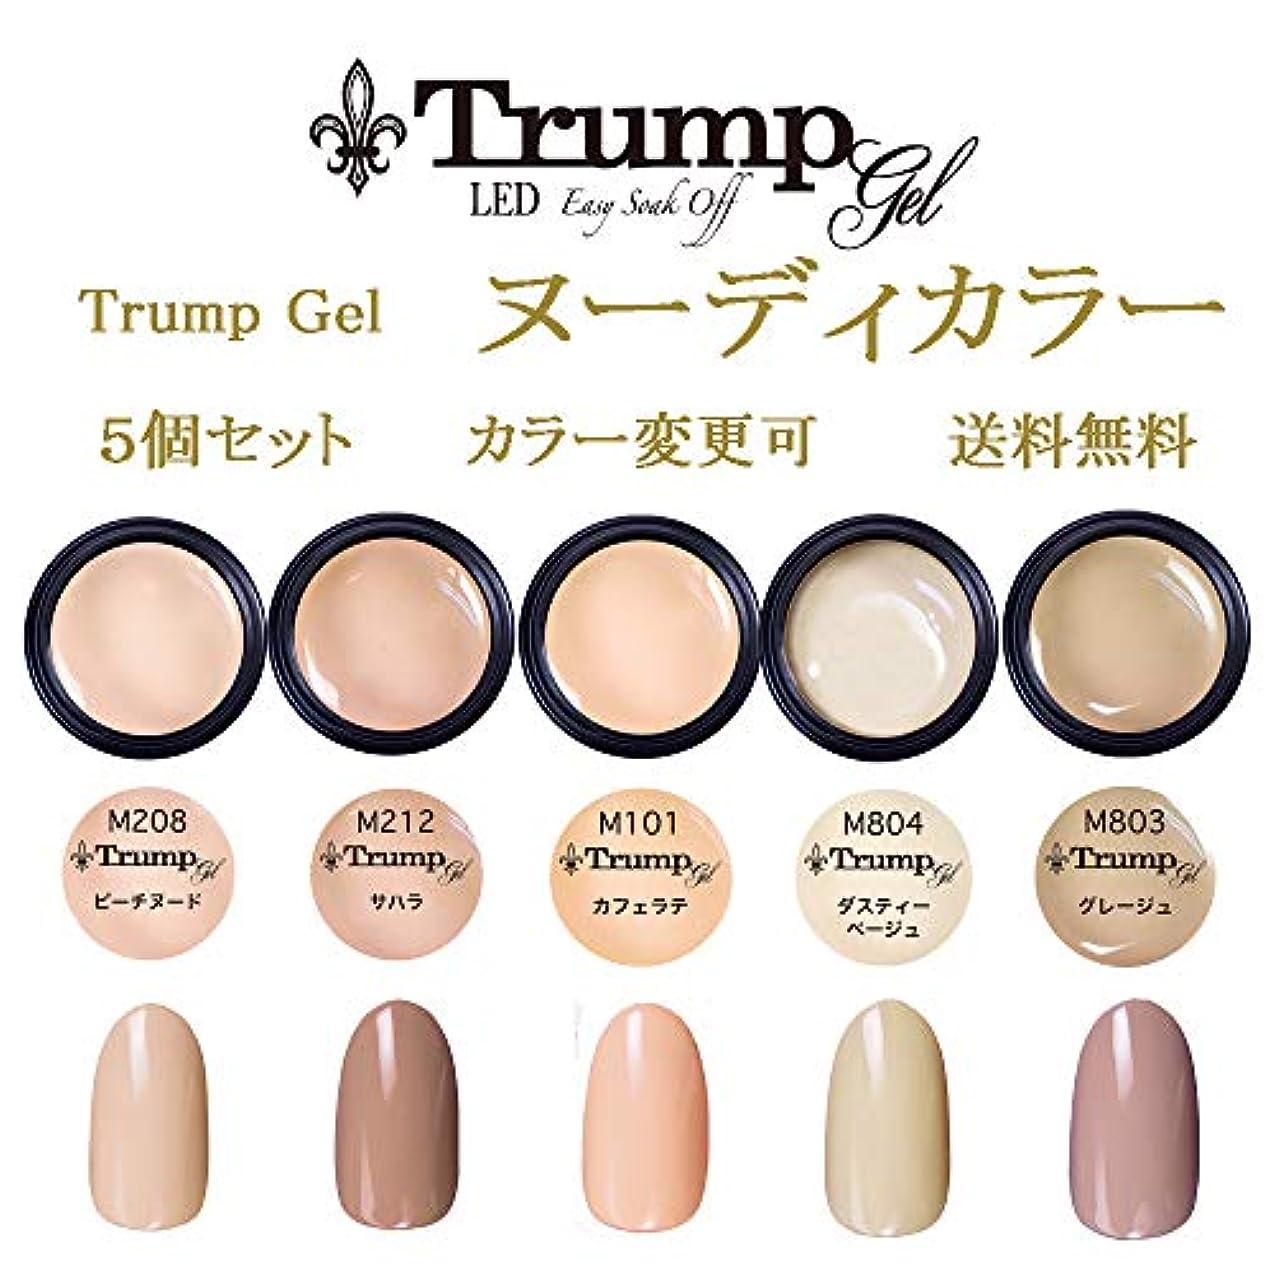 意気消沈したレスリングクロニクル日本製 Trump gel トランプジェル ヌーディカラー 選べる カラージェル 5個セット ベージュ ブラウン ピンク